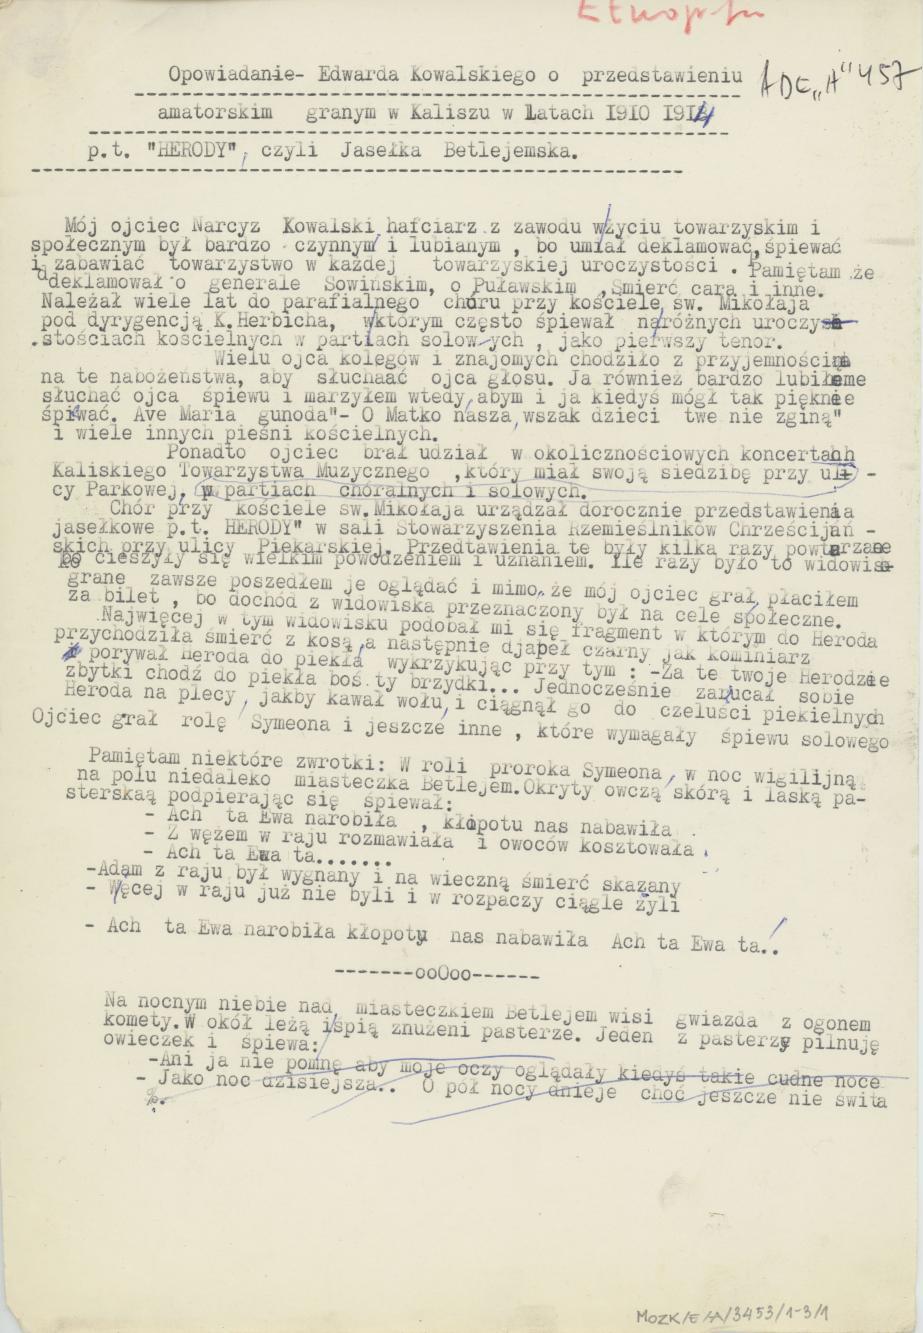 Przedstawienie amatorskie grane w Kaliszu w latach 1910-1914